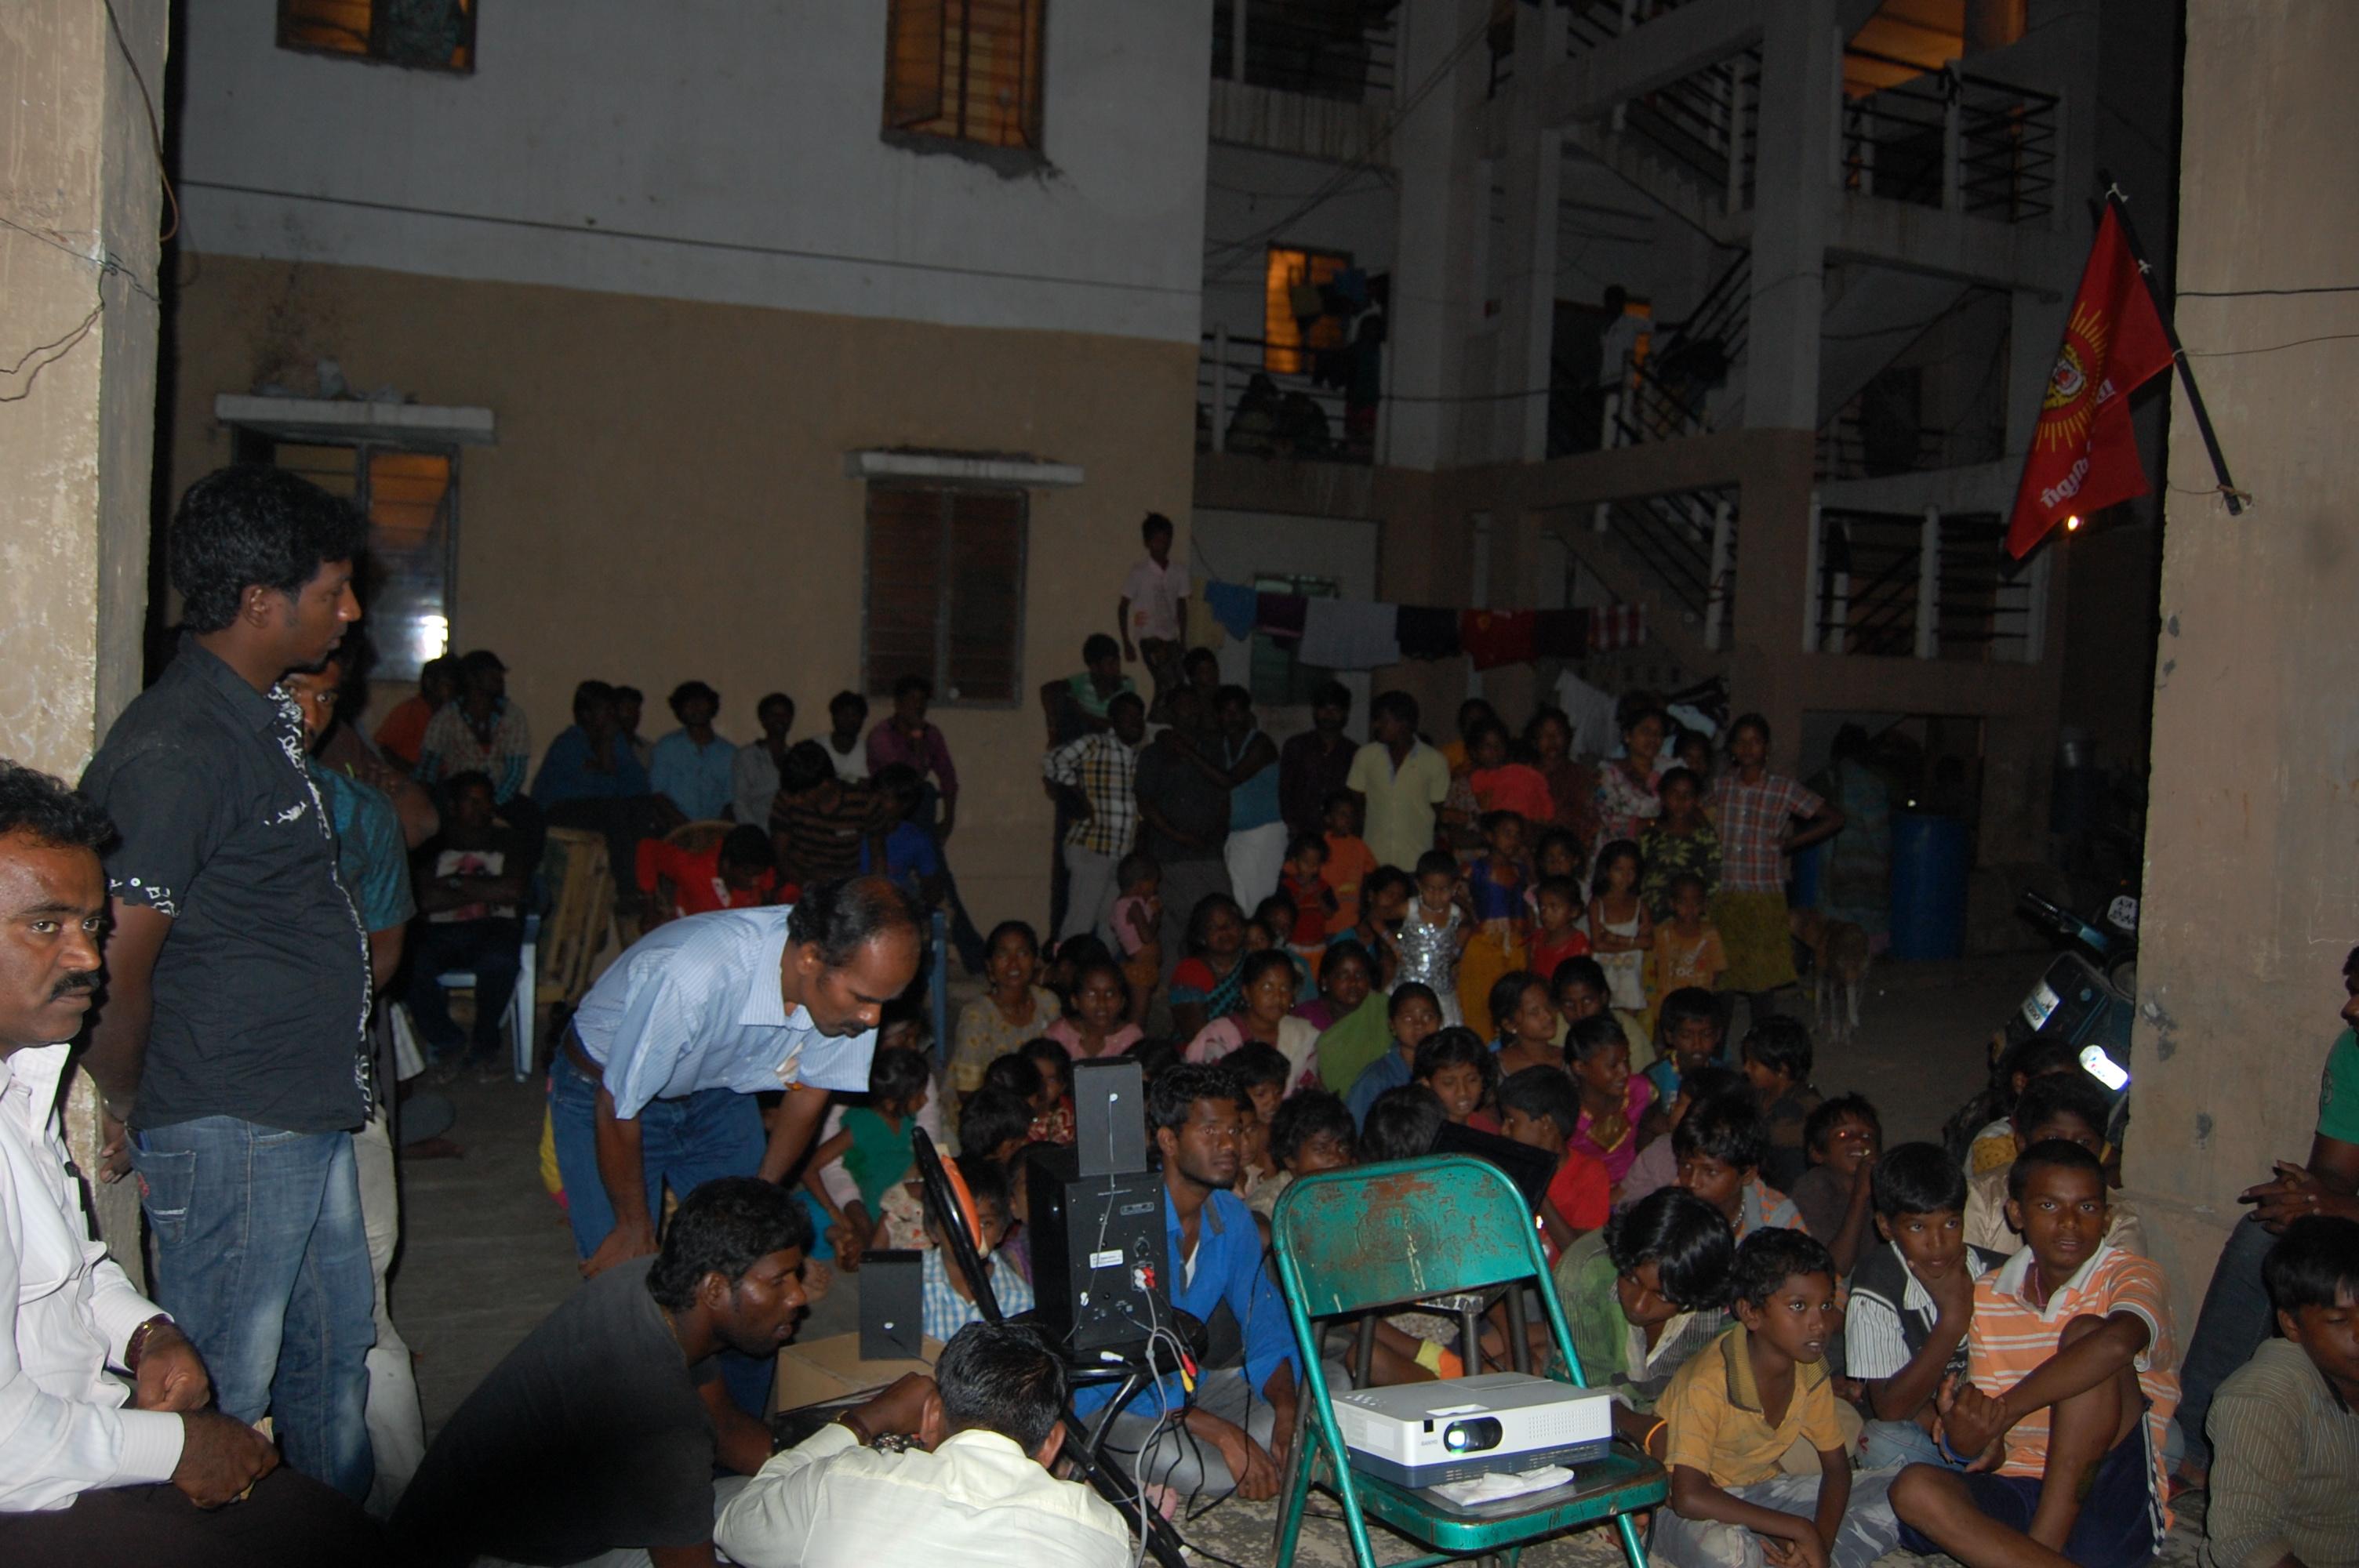 பெங்களூர் ராஜா ரதிச்வரி குப்பத்தில்  கொள்கை விளக்க பிரச்சாரம். DSC 5295